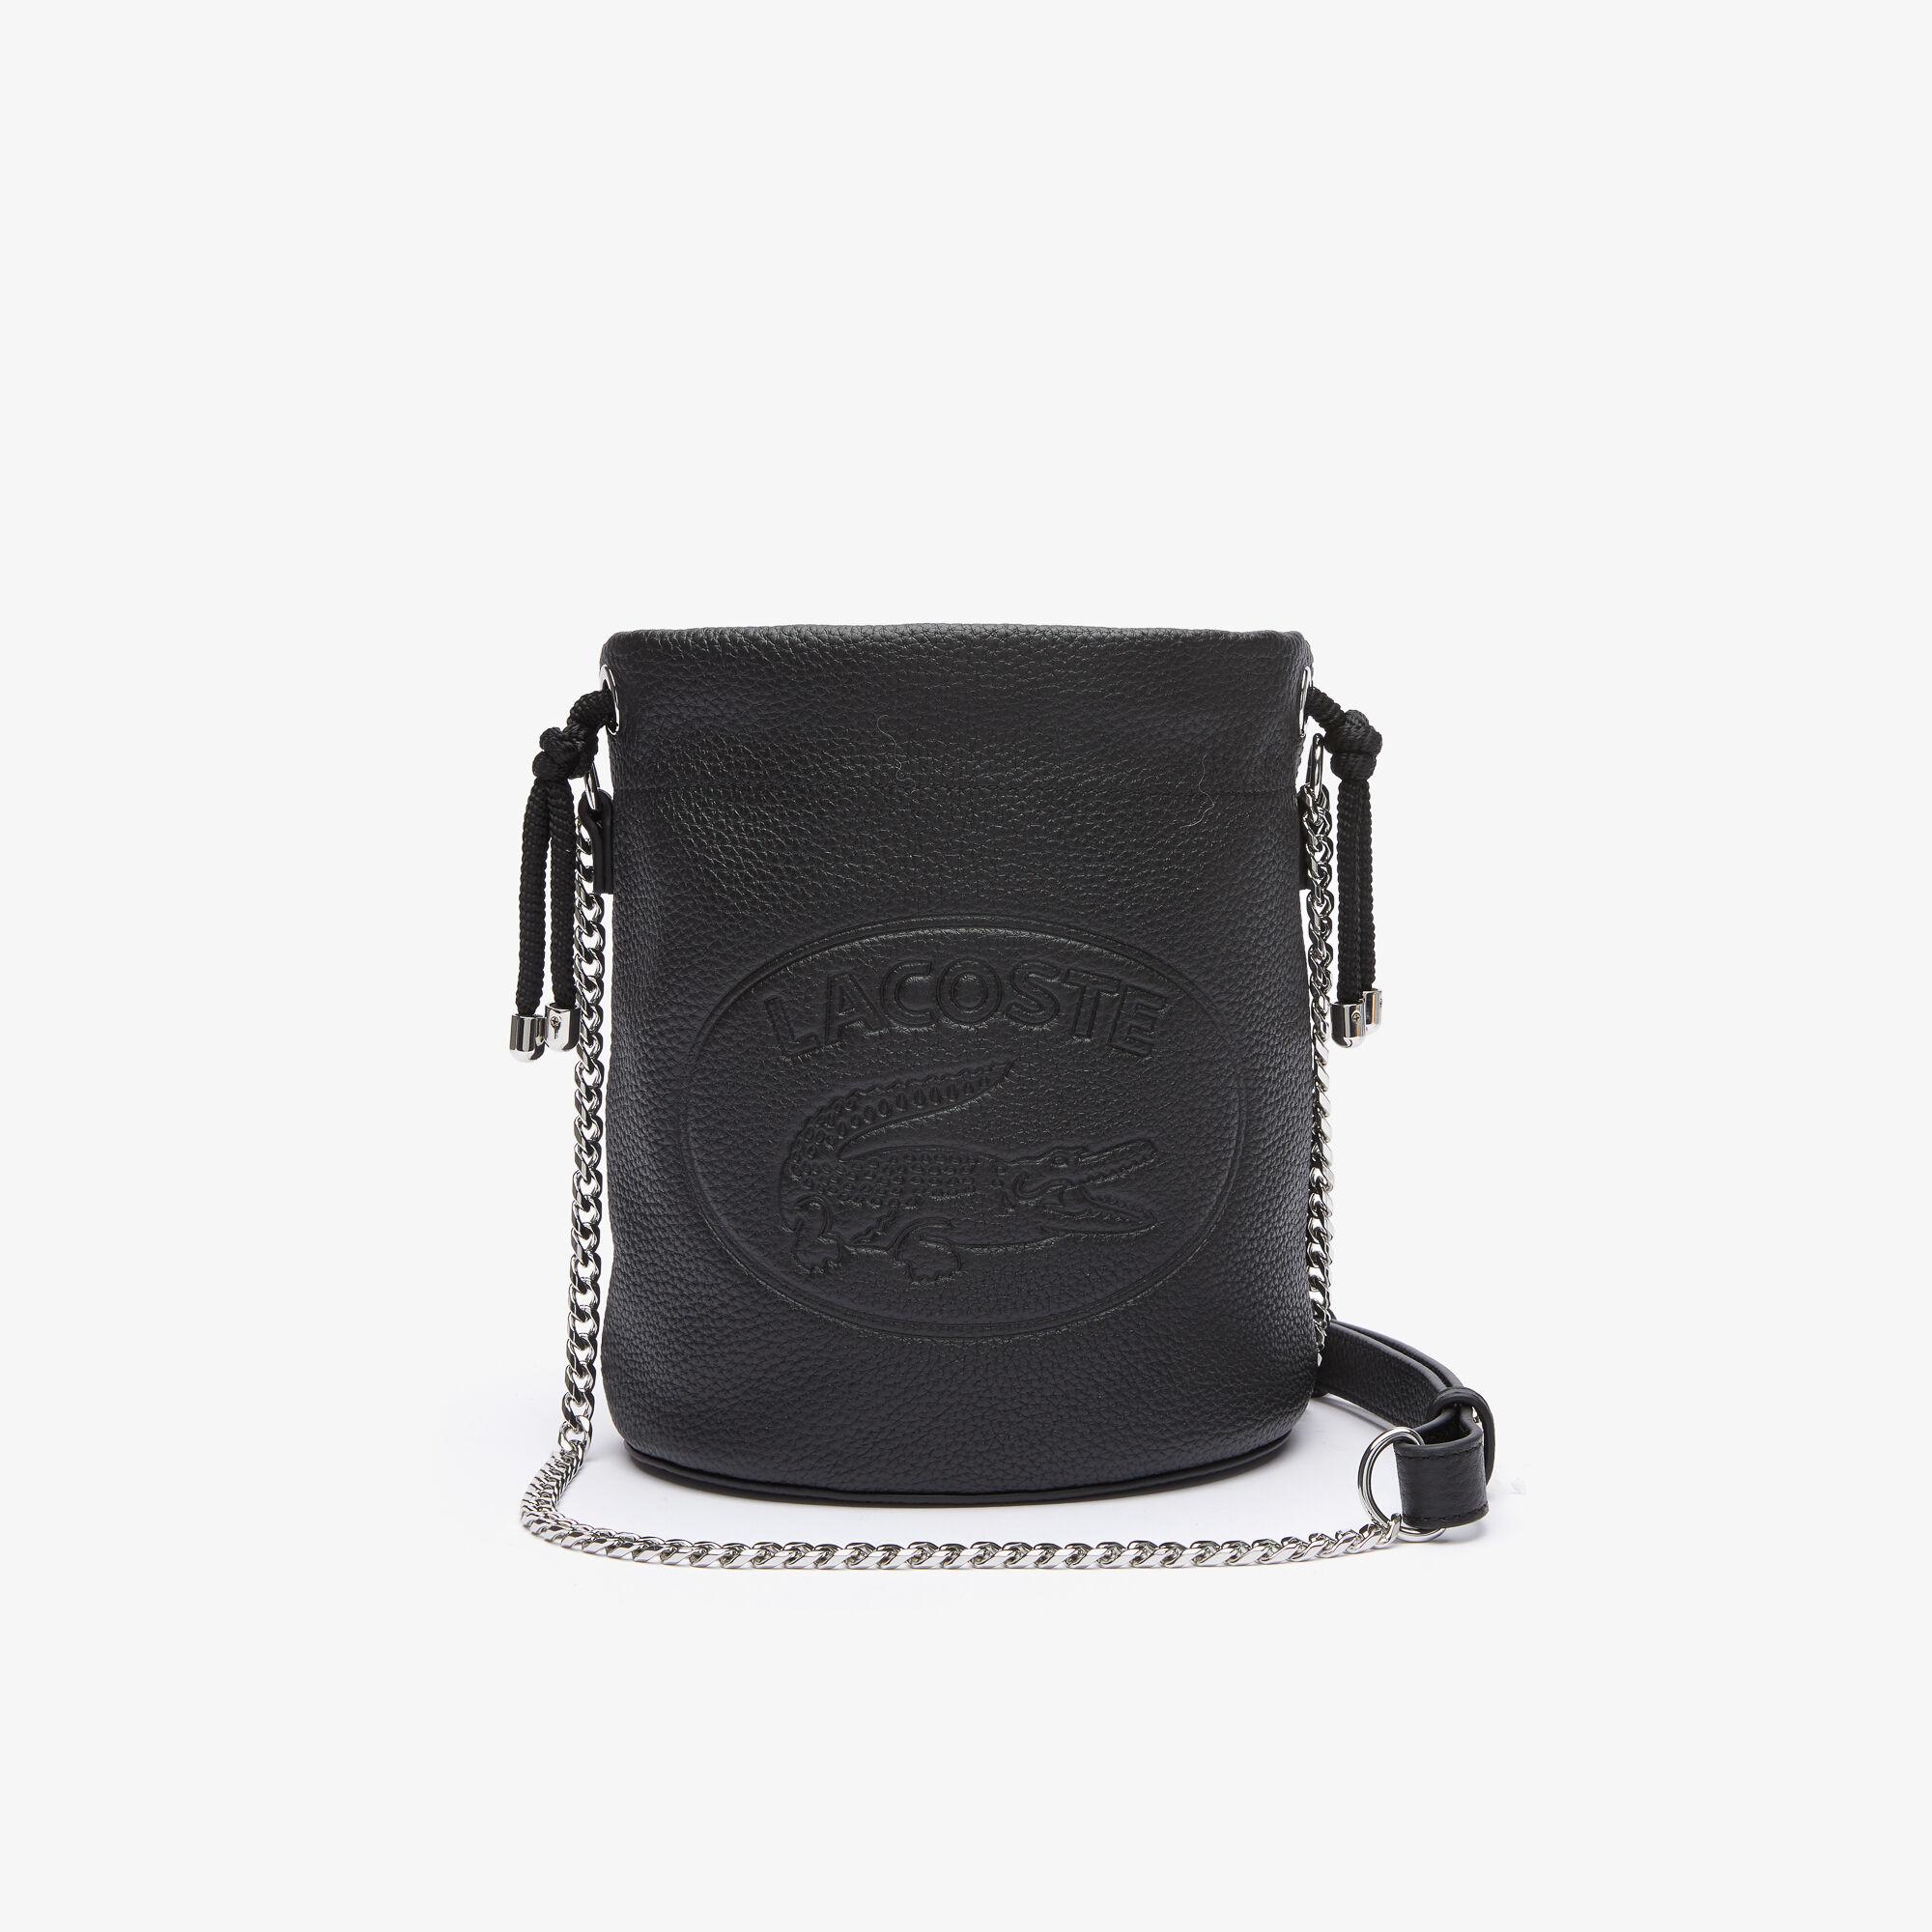 حقيبة بوكيت من الجلد المحبب مجموعة Croco Crew للنساء